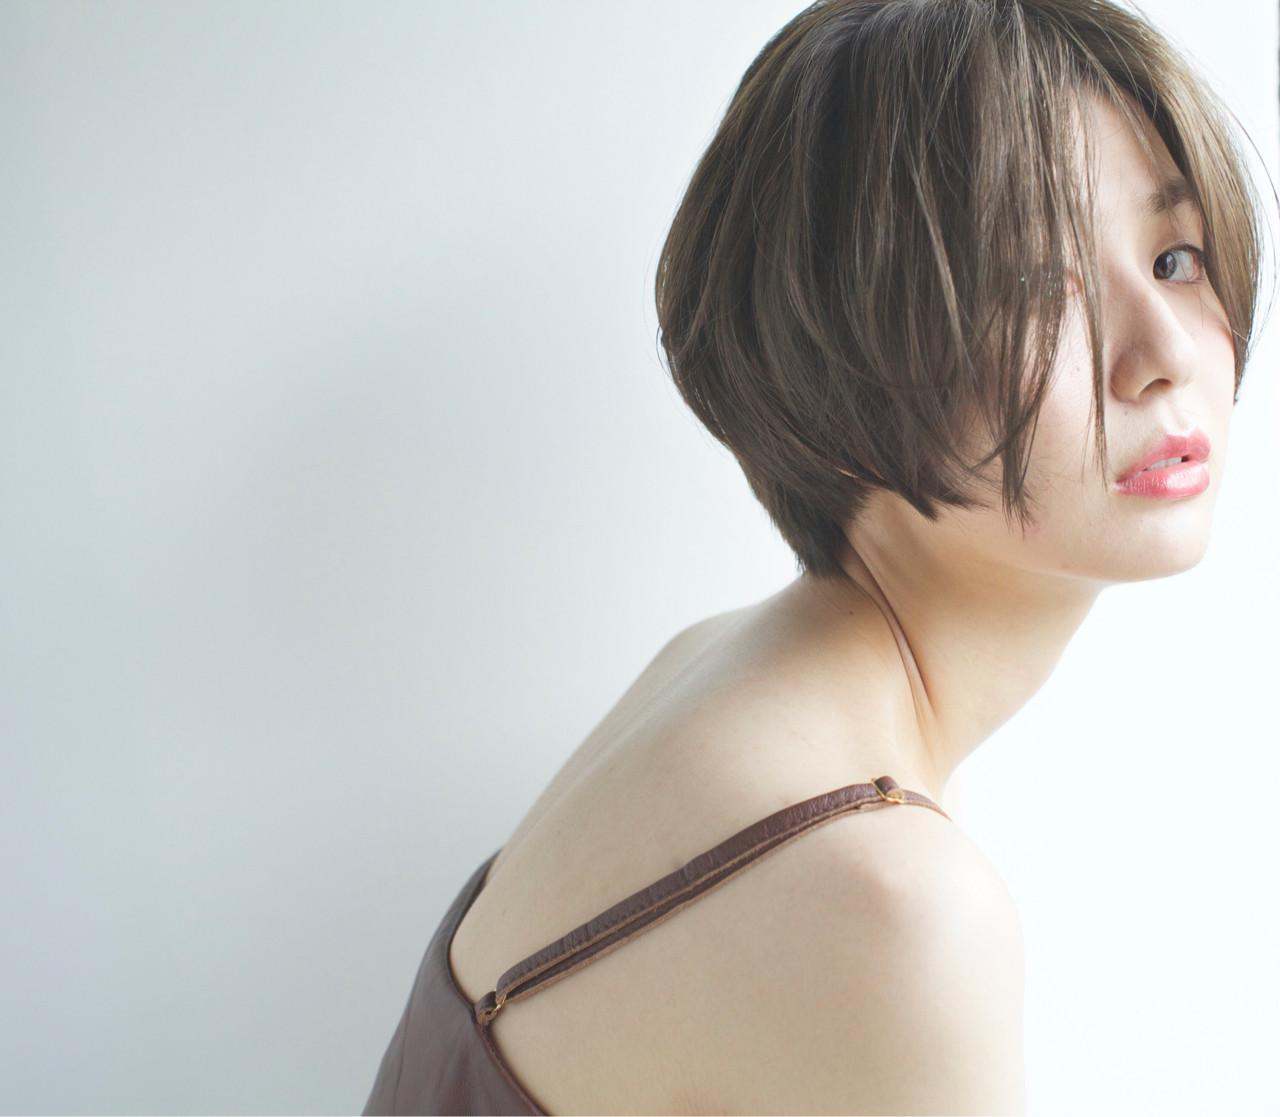 カッコイイよりも断然可愛くいたいでしょ。ガッツリショートでこの夏をのりきれ! 佐脇 正徳 / LOAVE AOYAMA